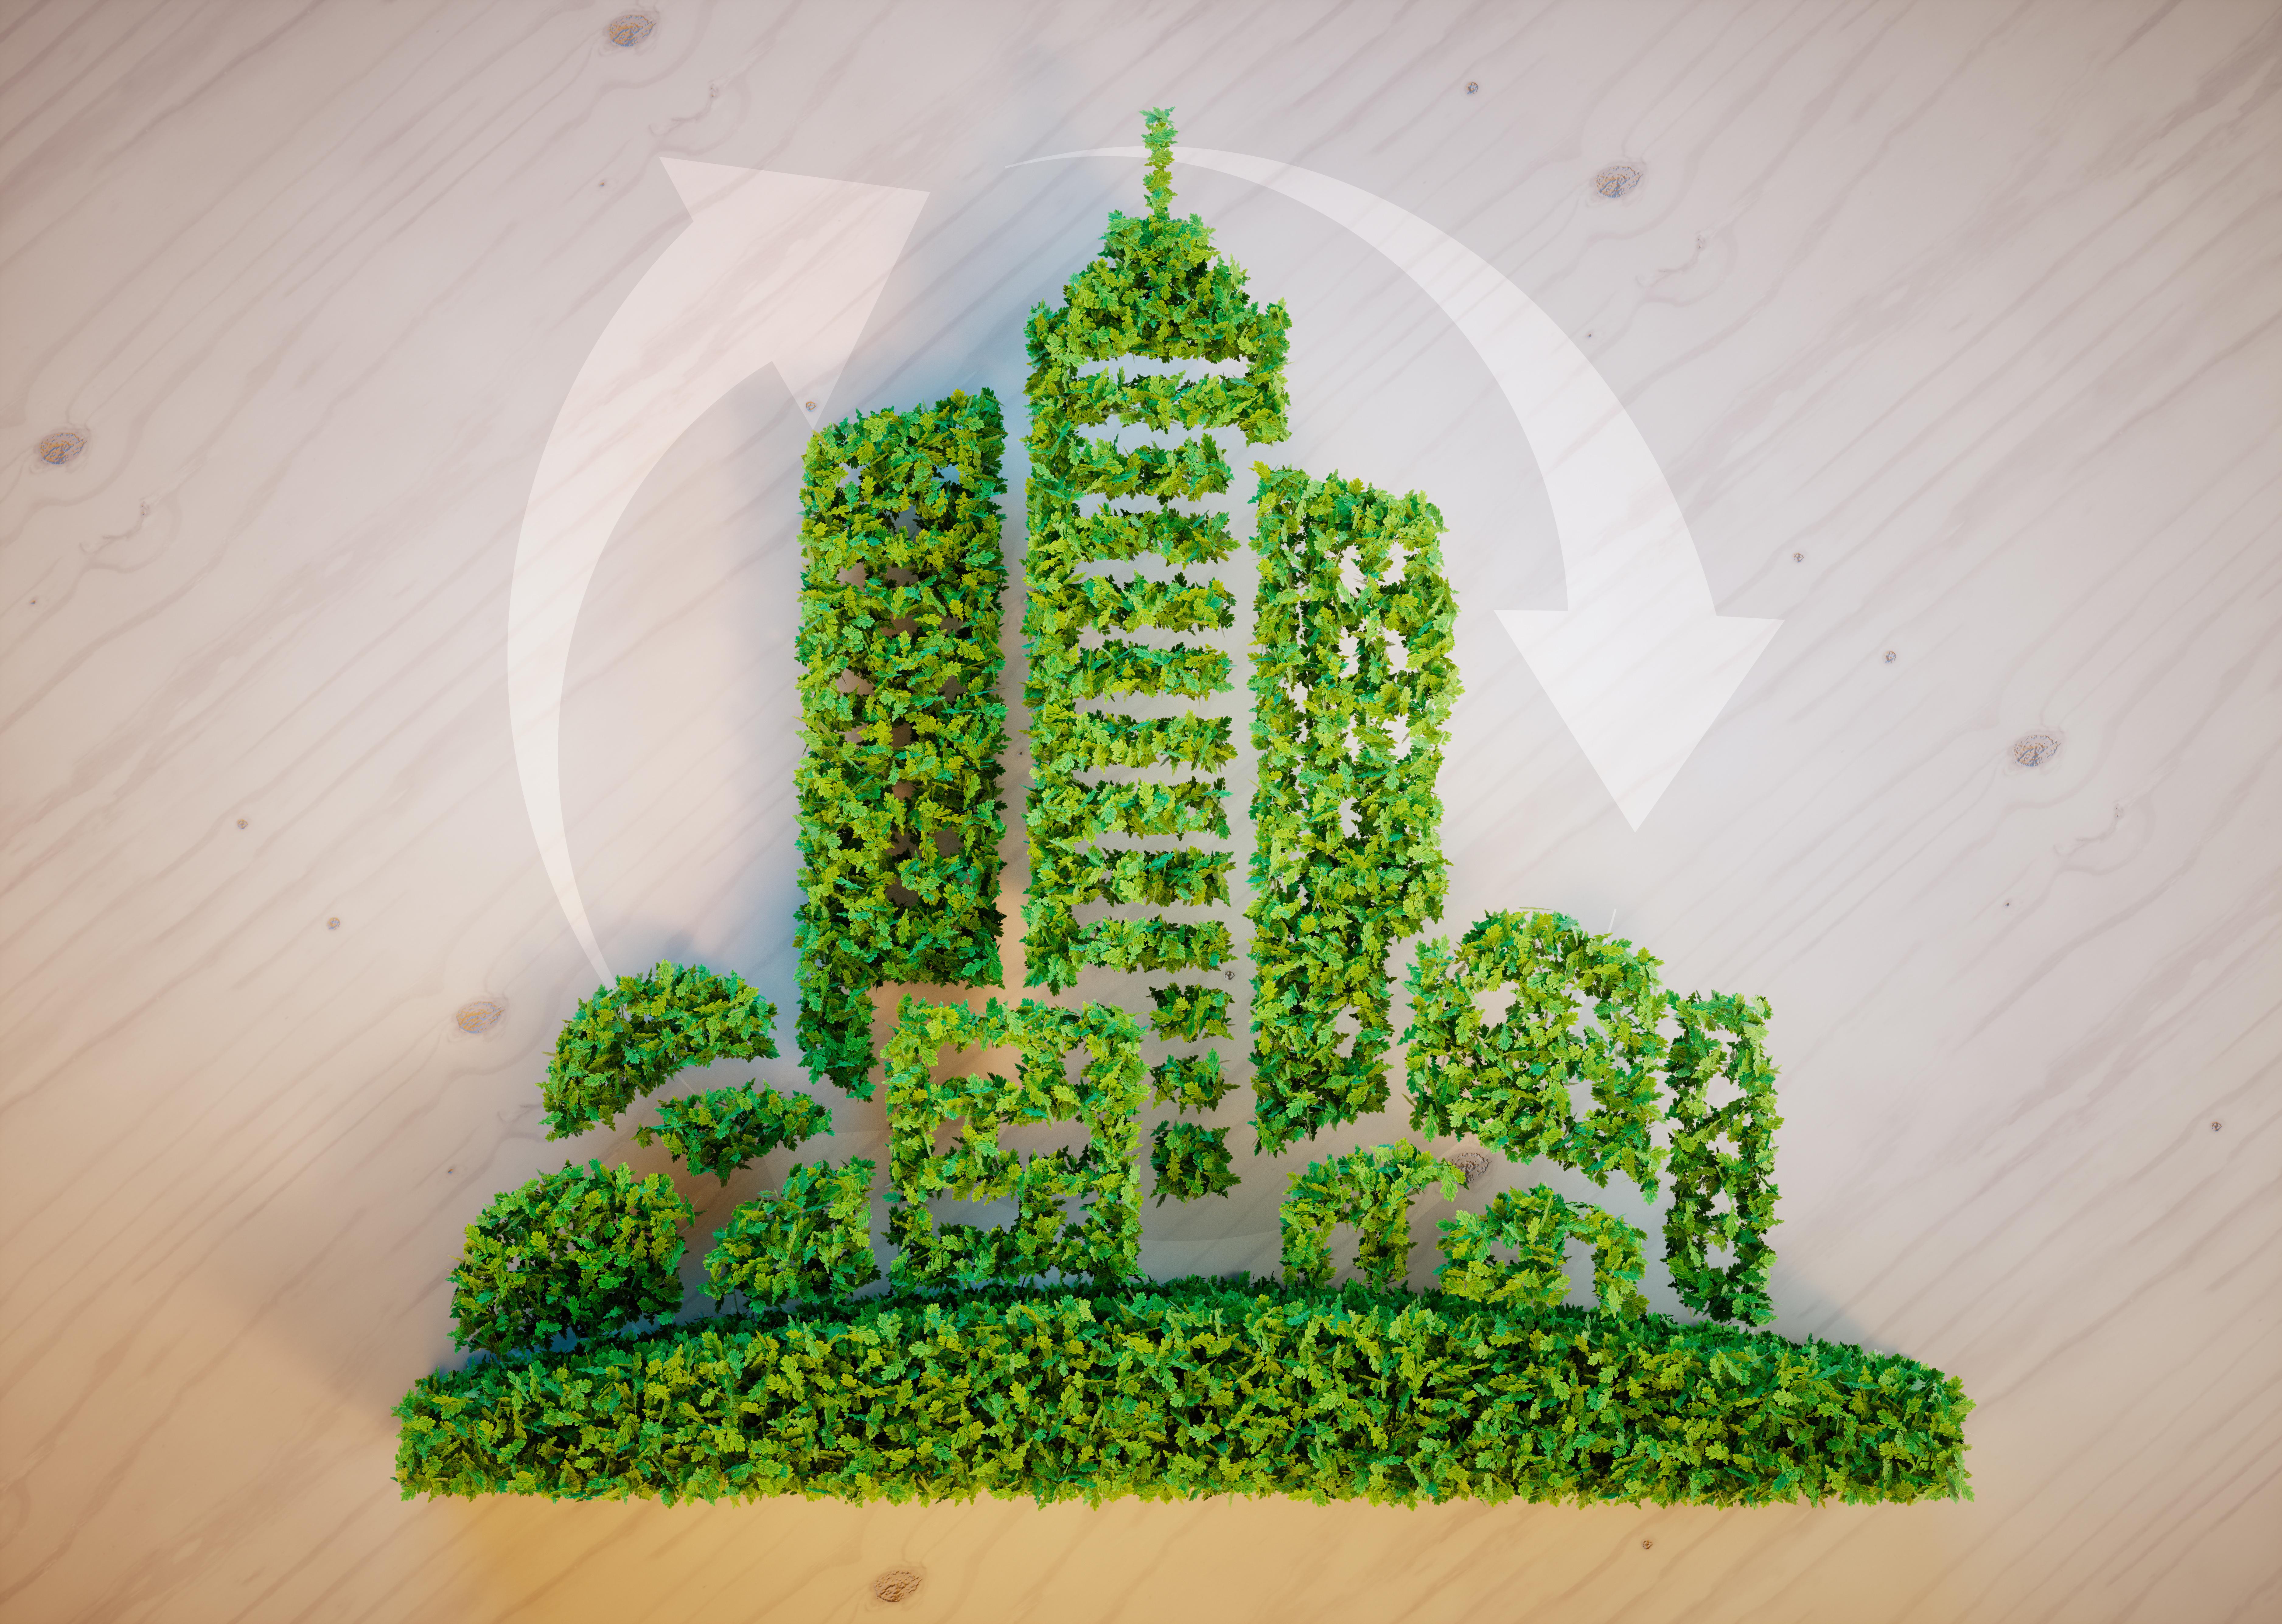 [김성수 건축 칼럼] 친환경 건축이 무엇인가요?